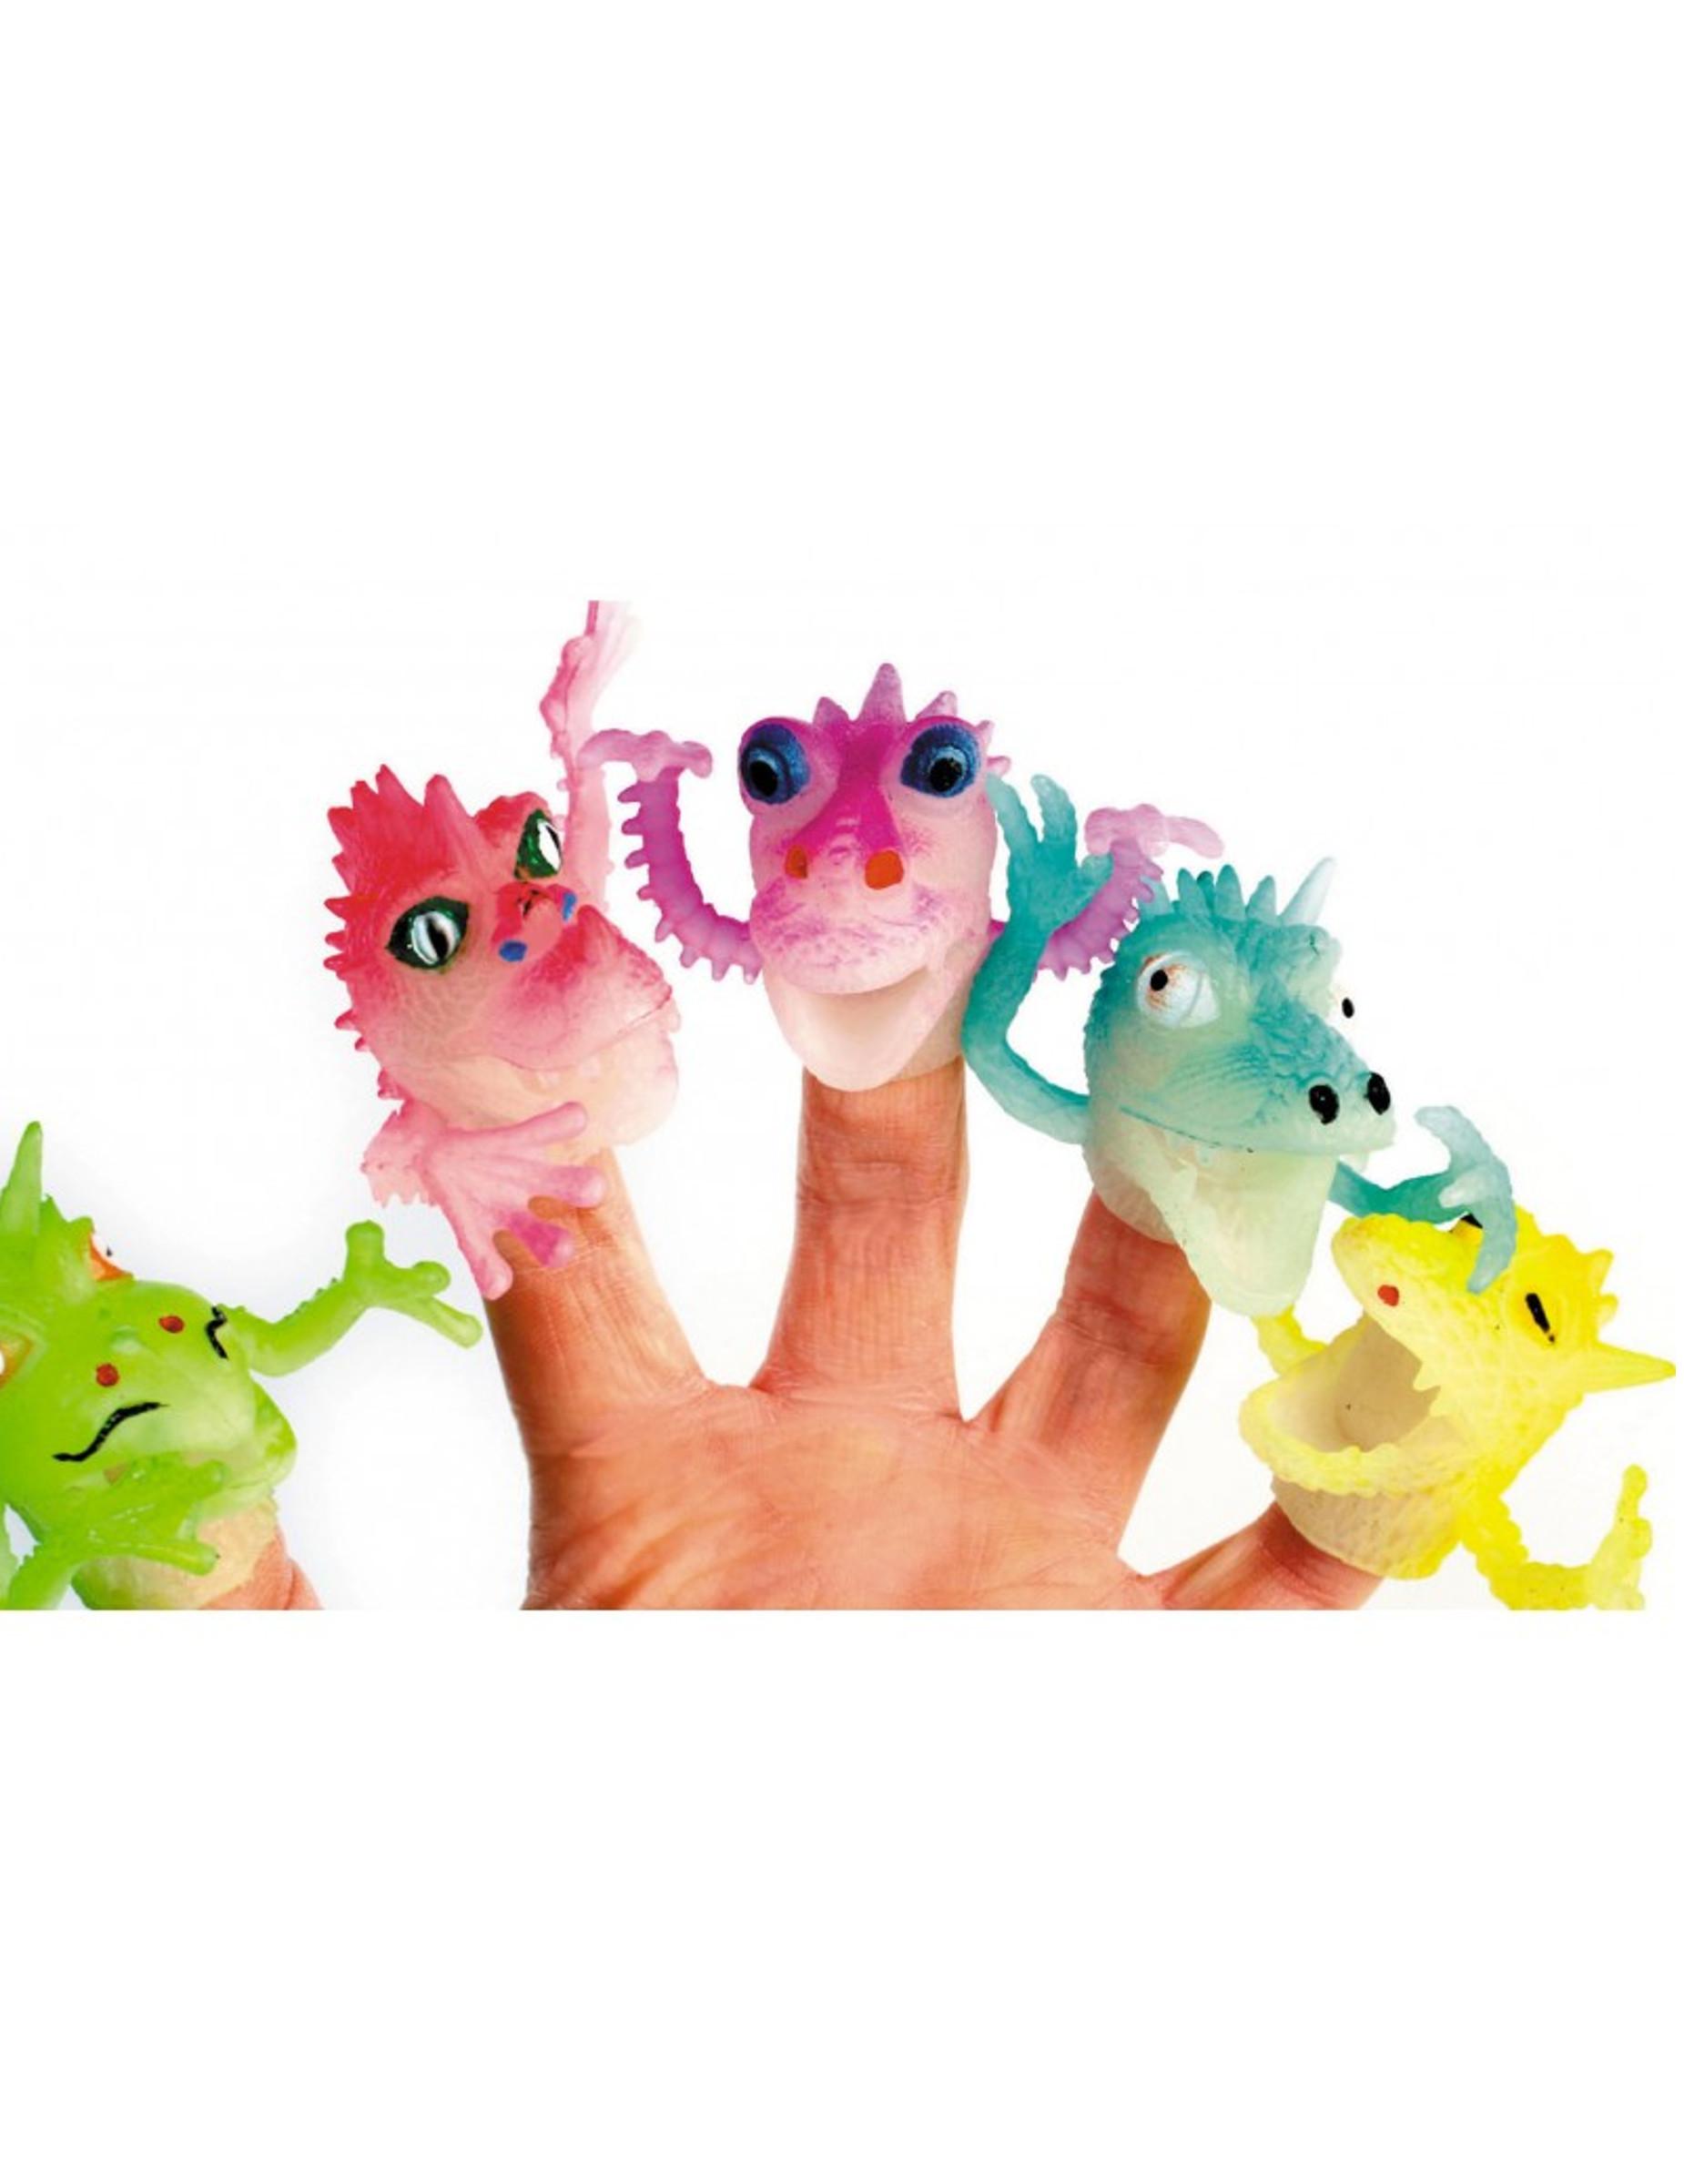 1 Drachen-Fingerpuppe Spielfigur für Kinder bunt 4cm